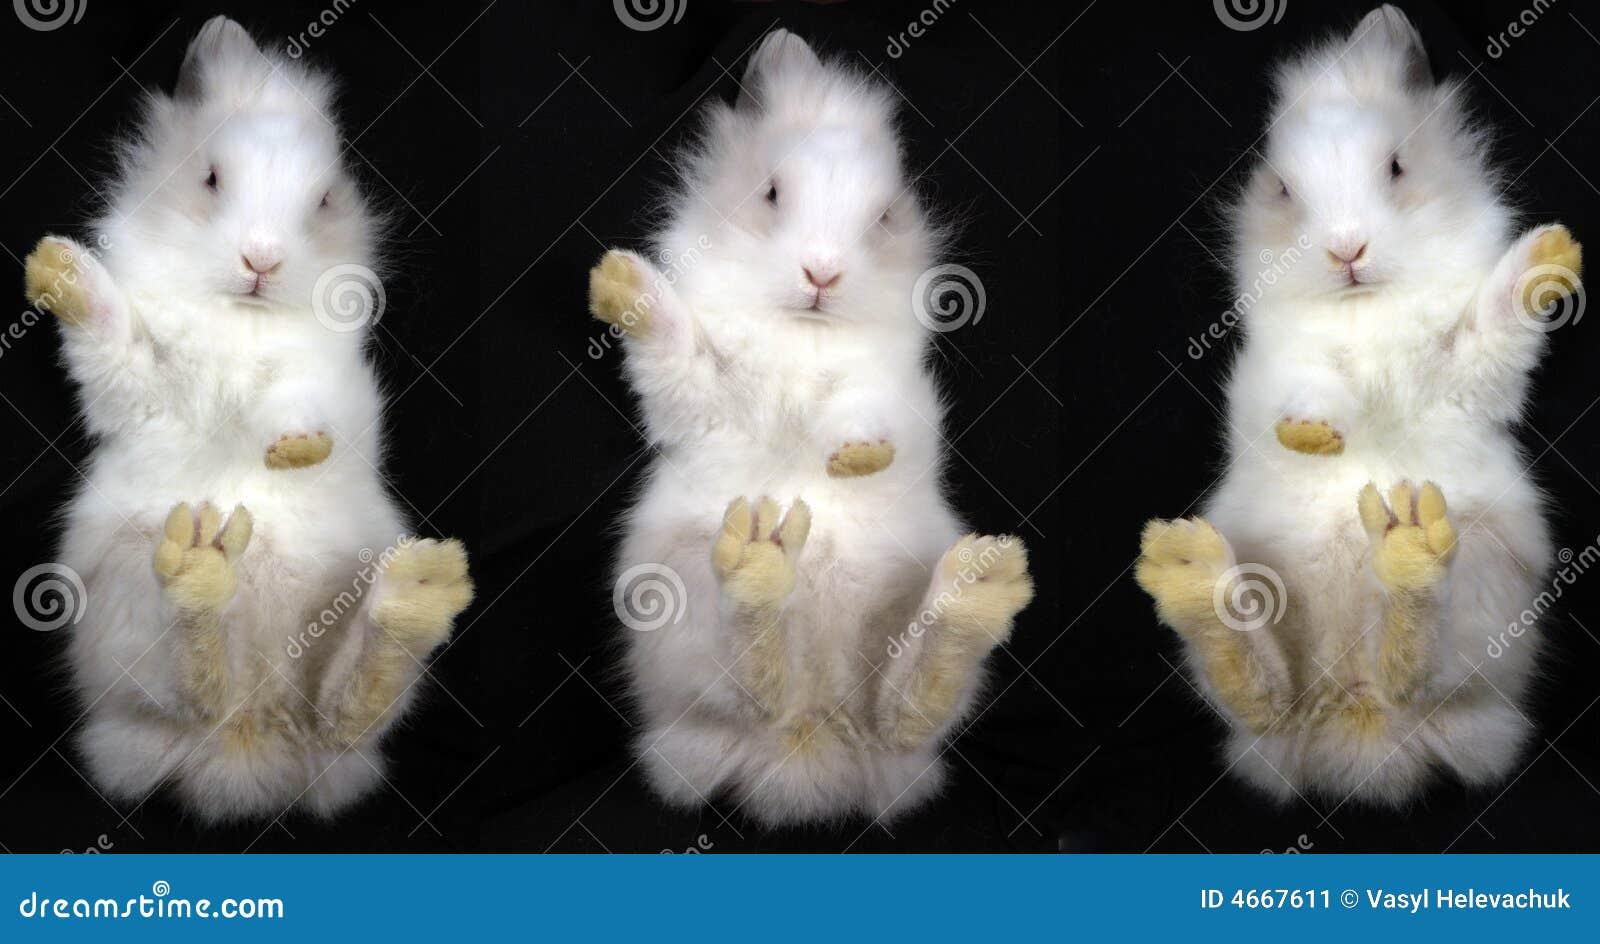 白色浴室兔子为什么喜欢躲在仓鼠里图片